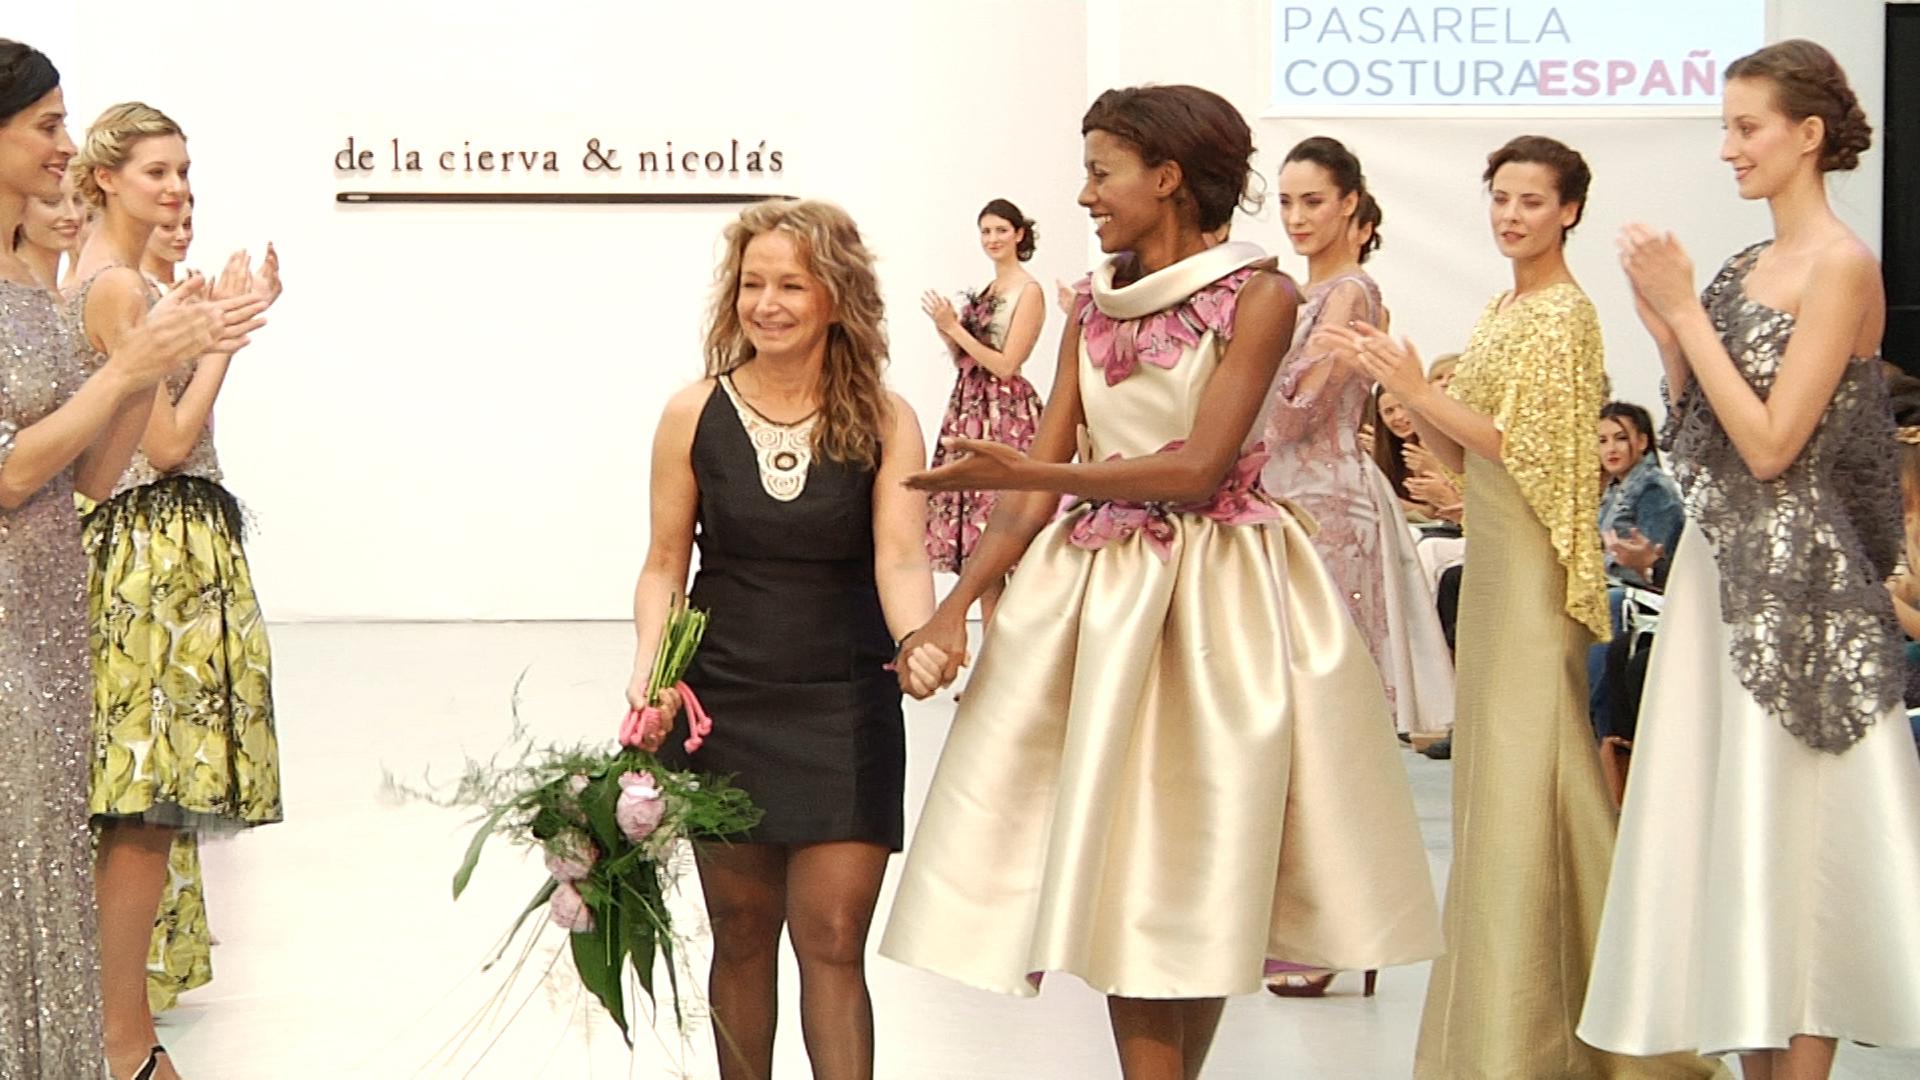 DE LA CIERVA Y NICOLAS  Pasarela Costura España 2015